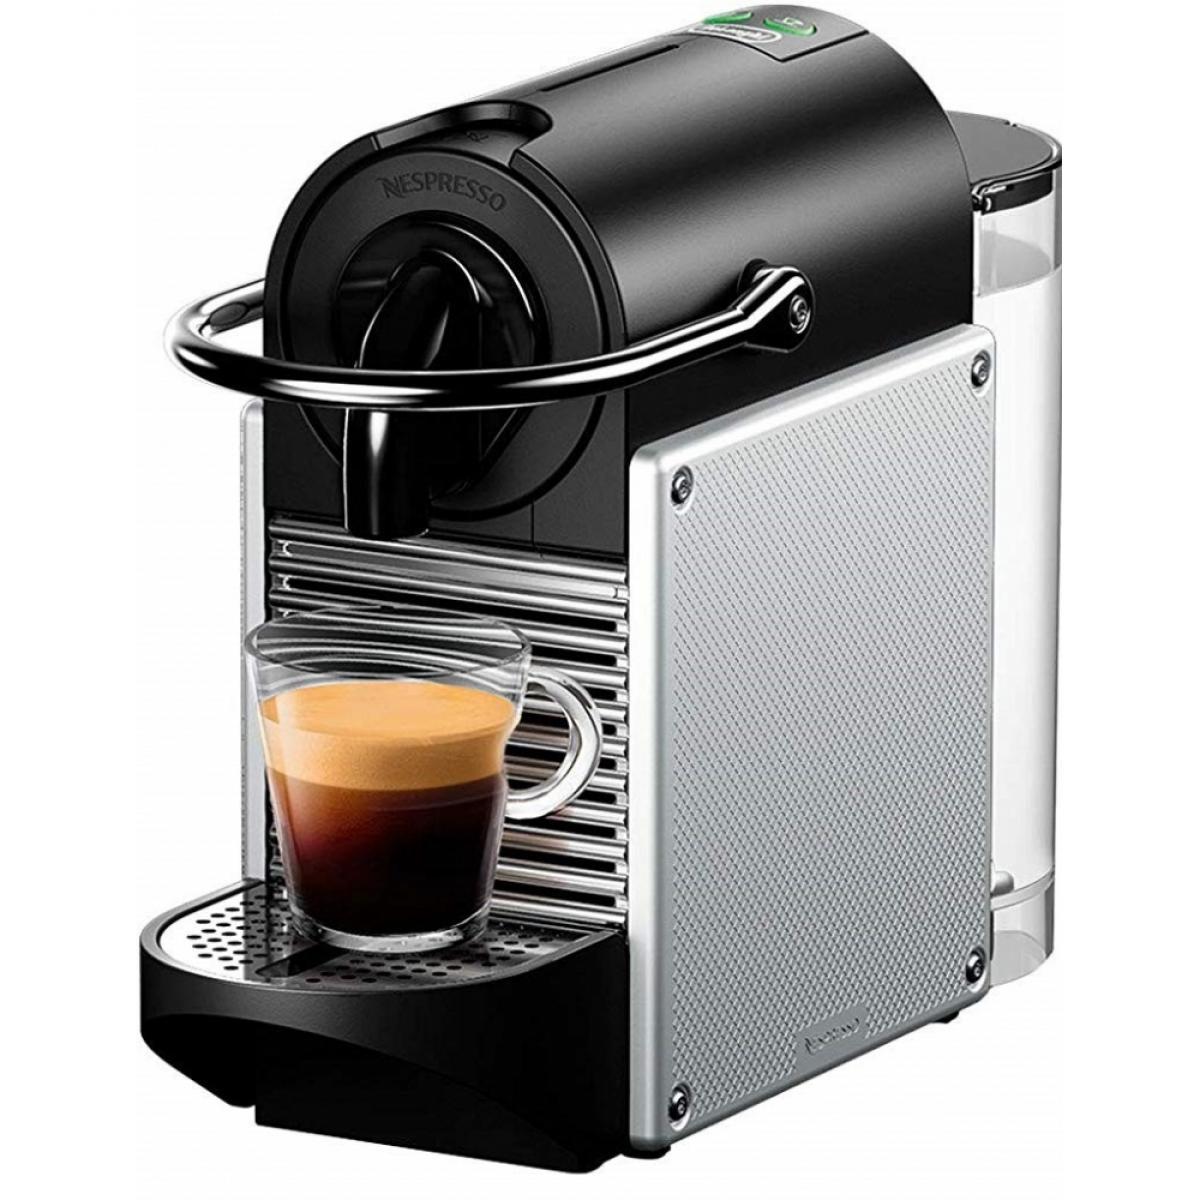 капсульная кофемашина купить в спб акции